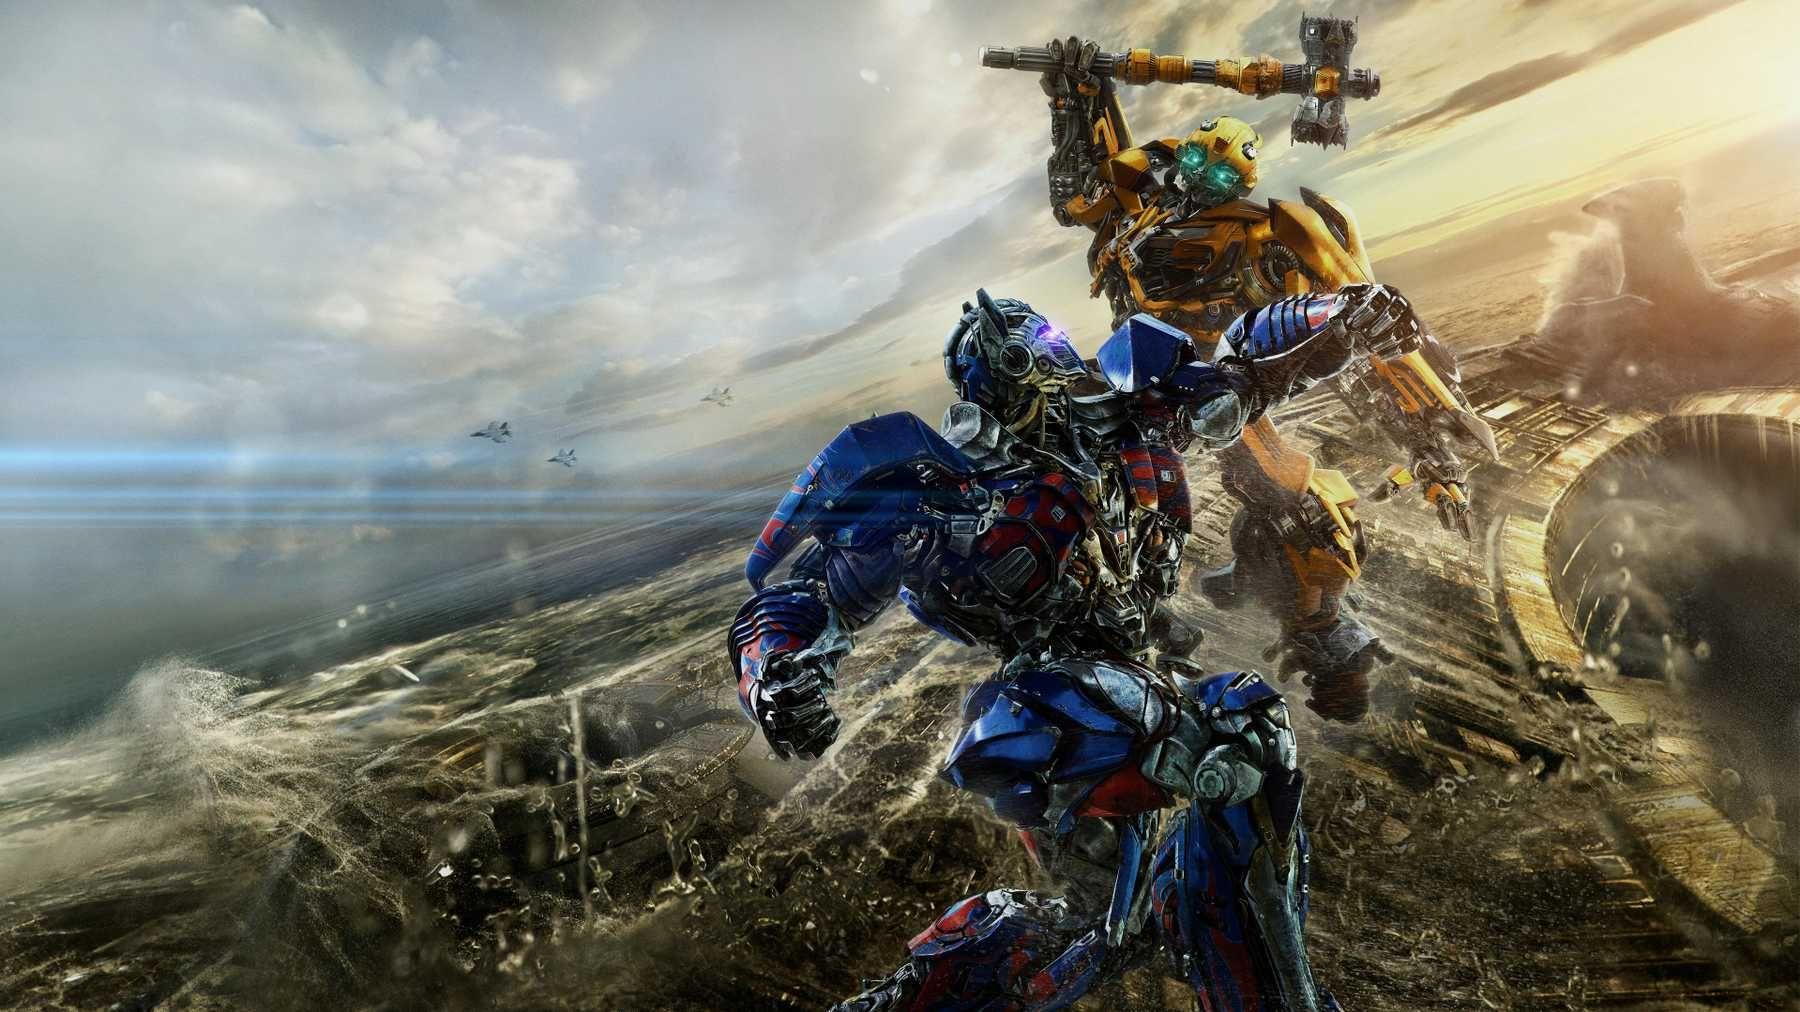 Transformers Nuevas Películas - Dos Guionistas Transformers